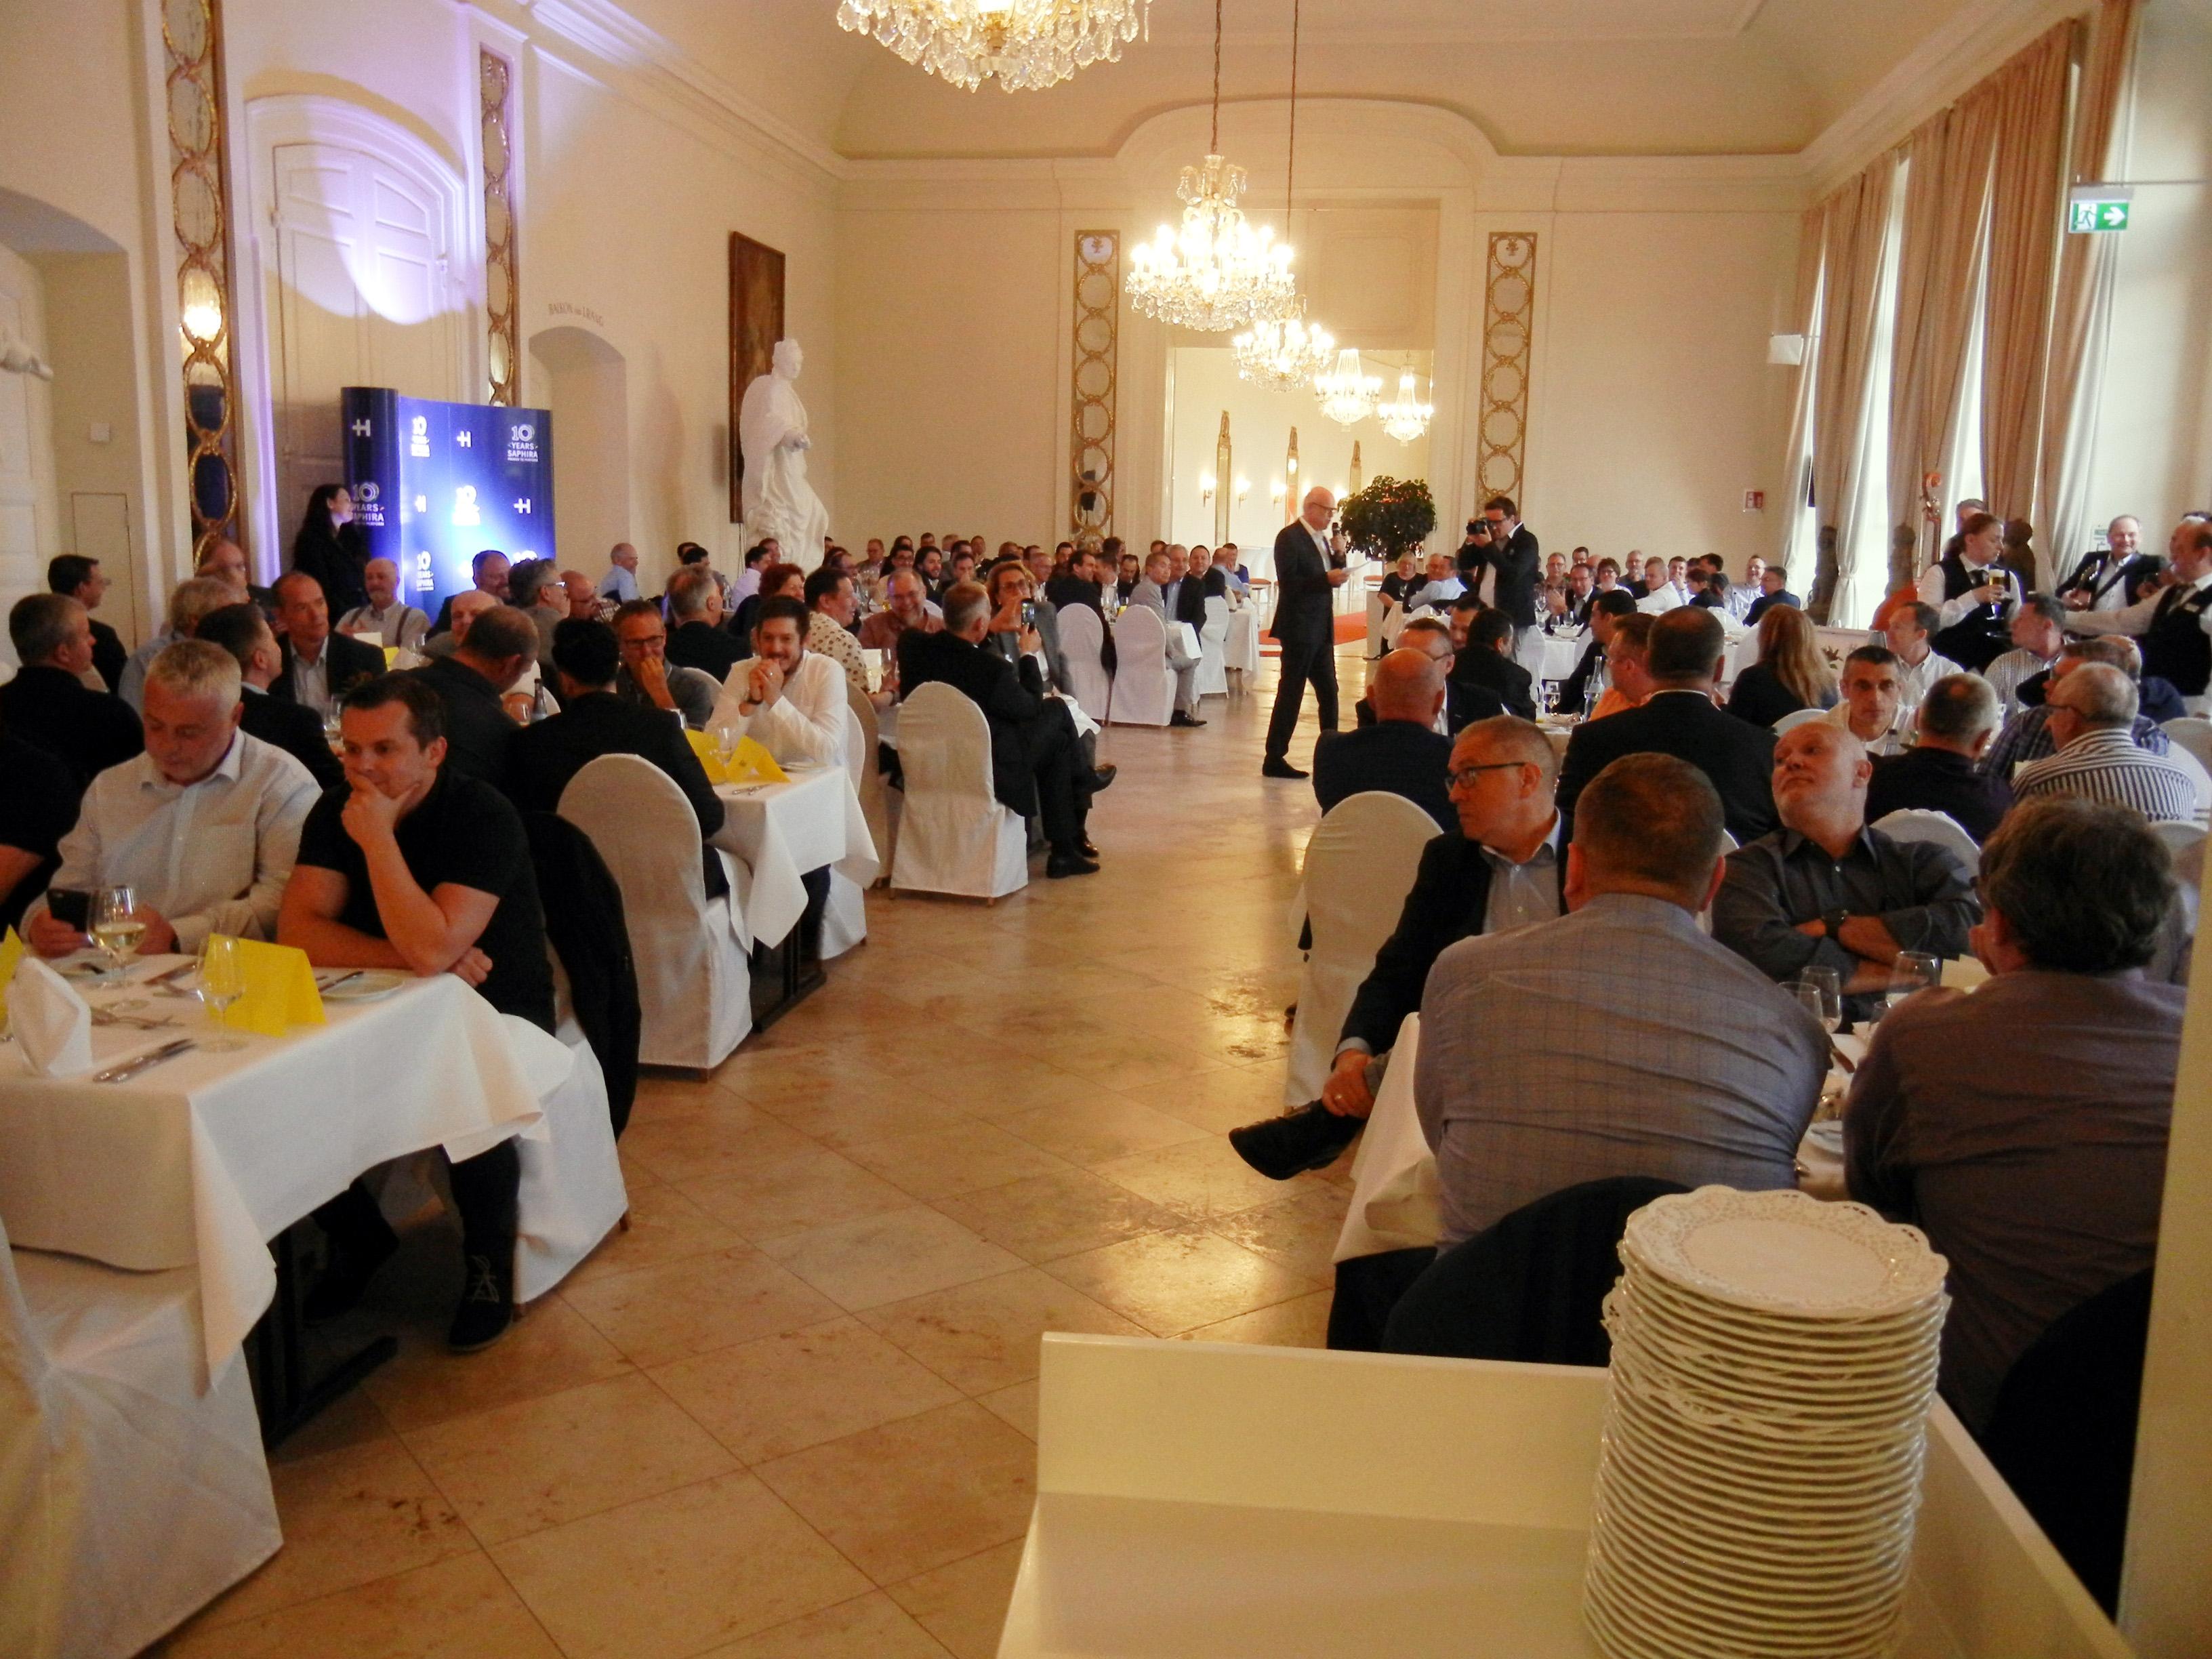 前日におこなわれたウエルカムディナーには約300人が出席